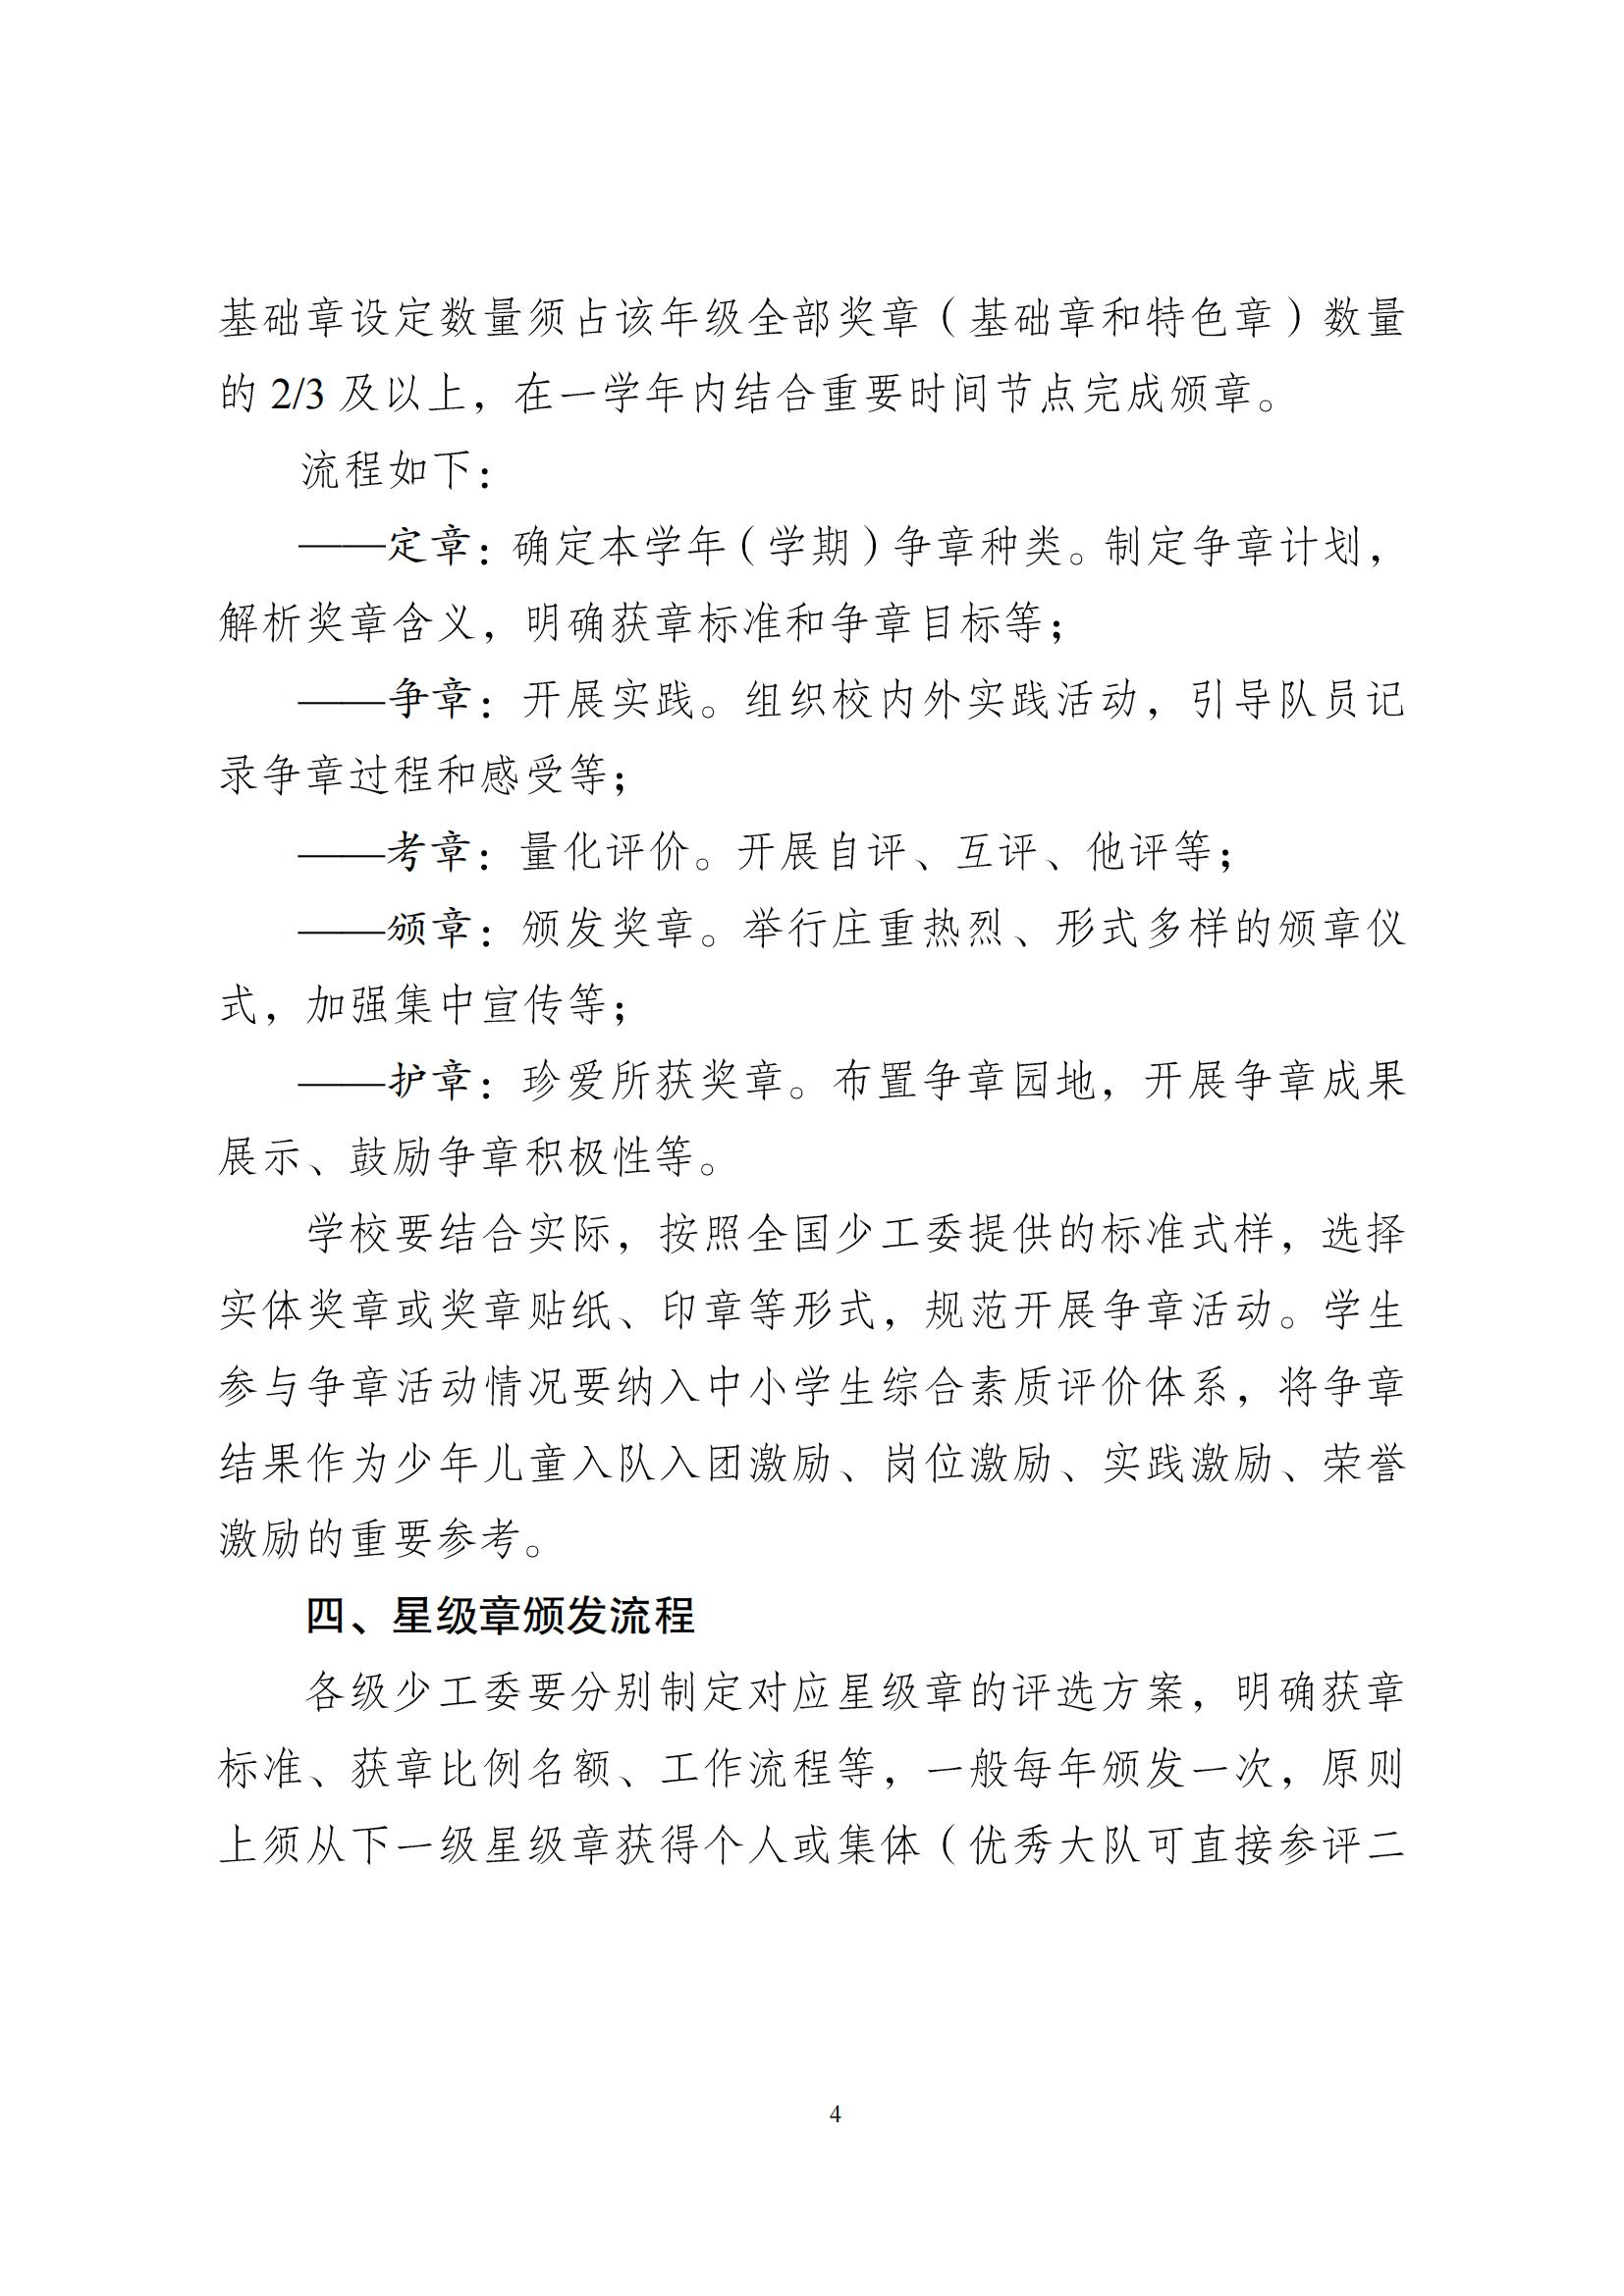 """关于使用""""红领巾奖章""""章样图案规范开展争章活动的工作指引"""